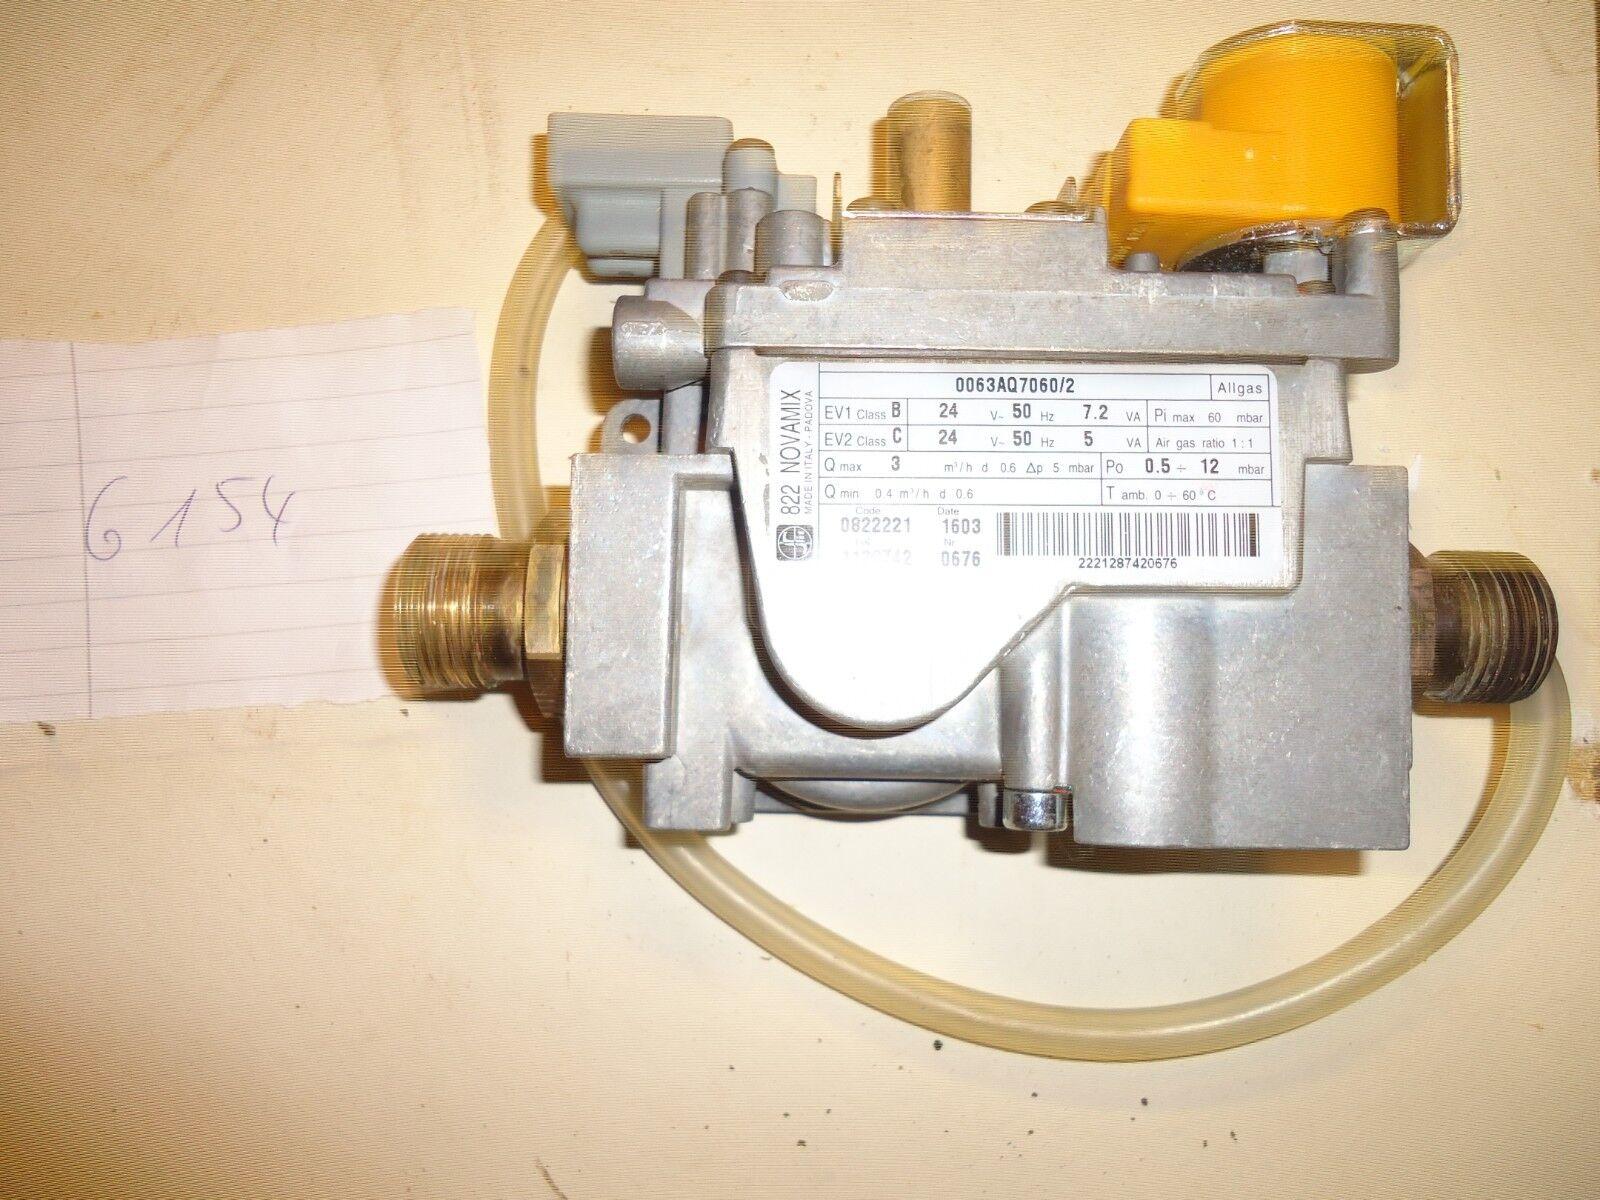 Gasarmatur Sit 822 Novamix Novamix Novamix Code. 0822221/ T.Nr. 0063AQ7060/2 Nr. G154 266c49